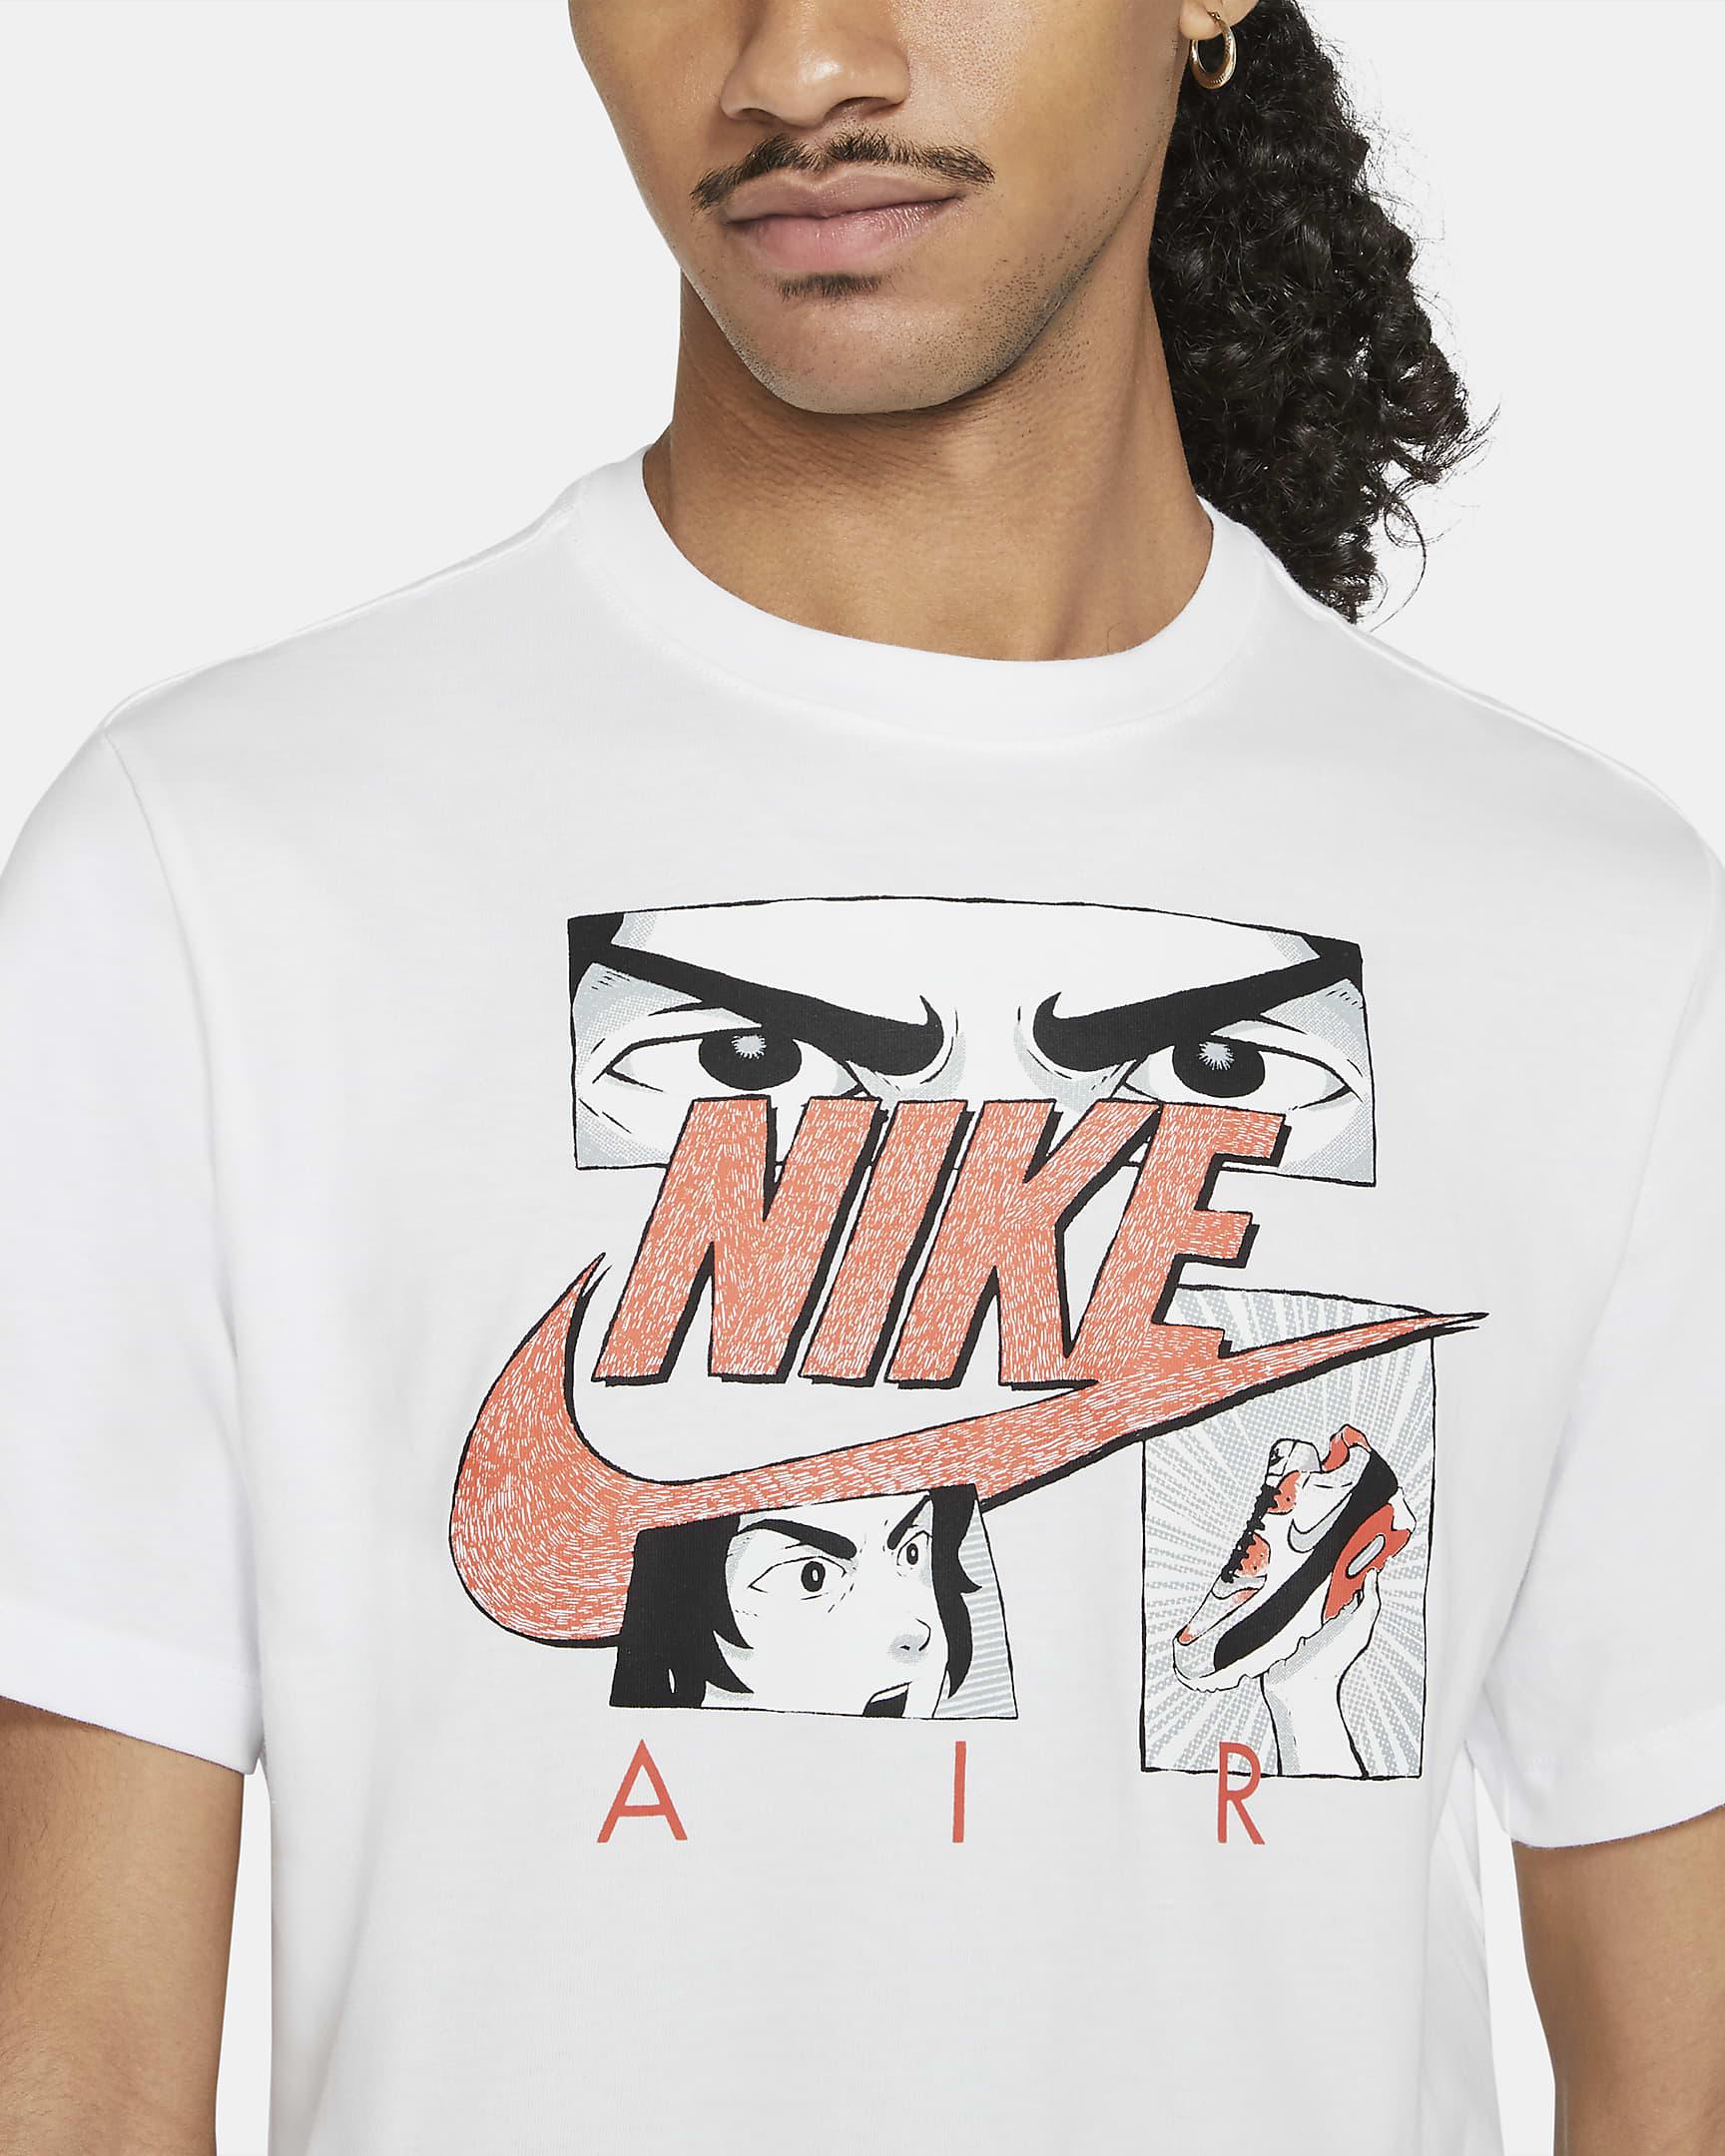 sportswear-mens-t-shirt-FRvpJd-2